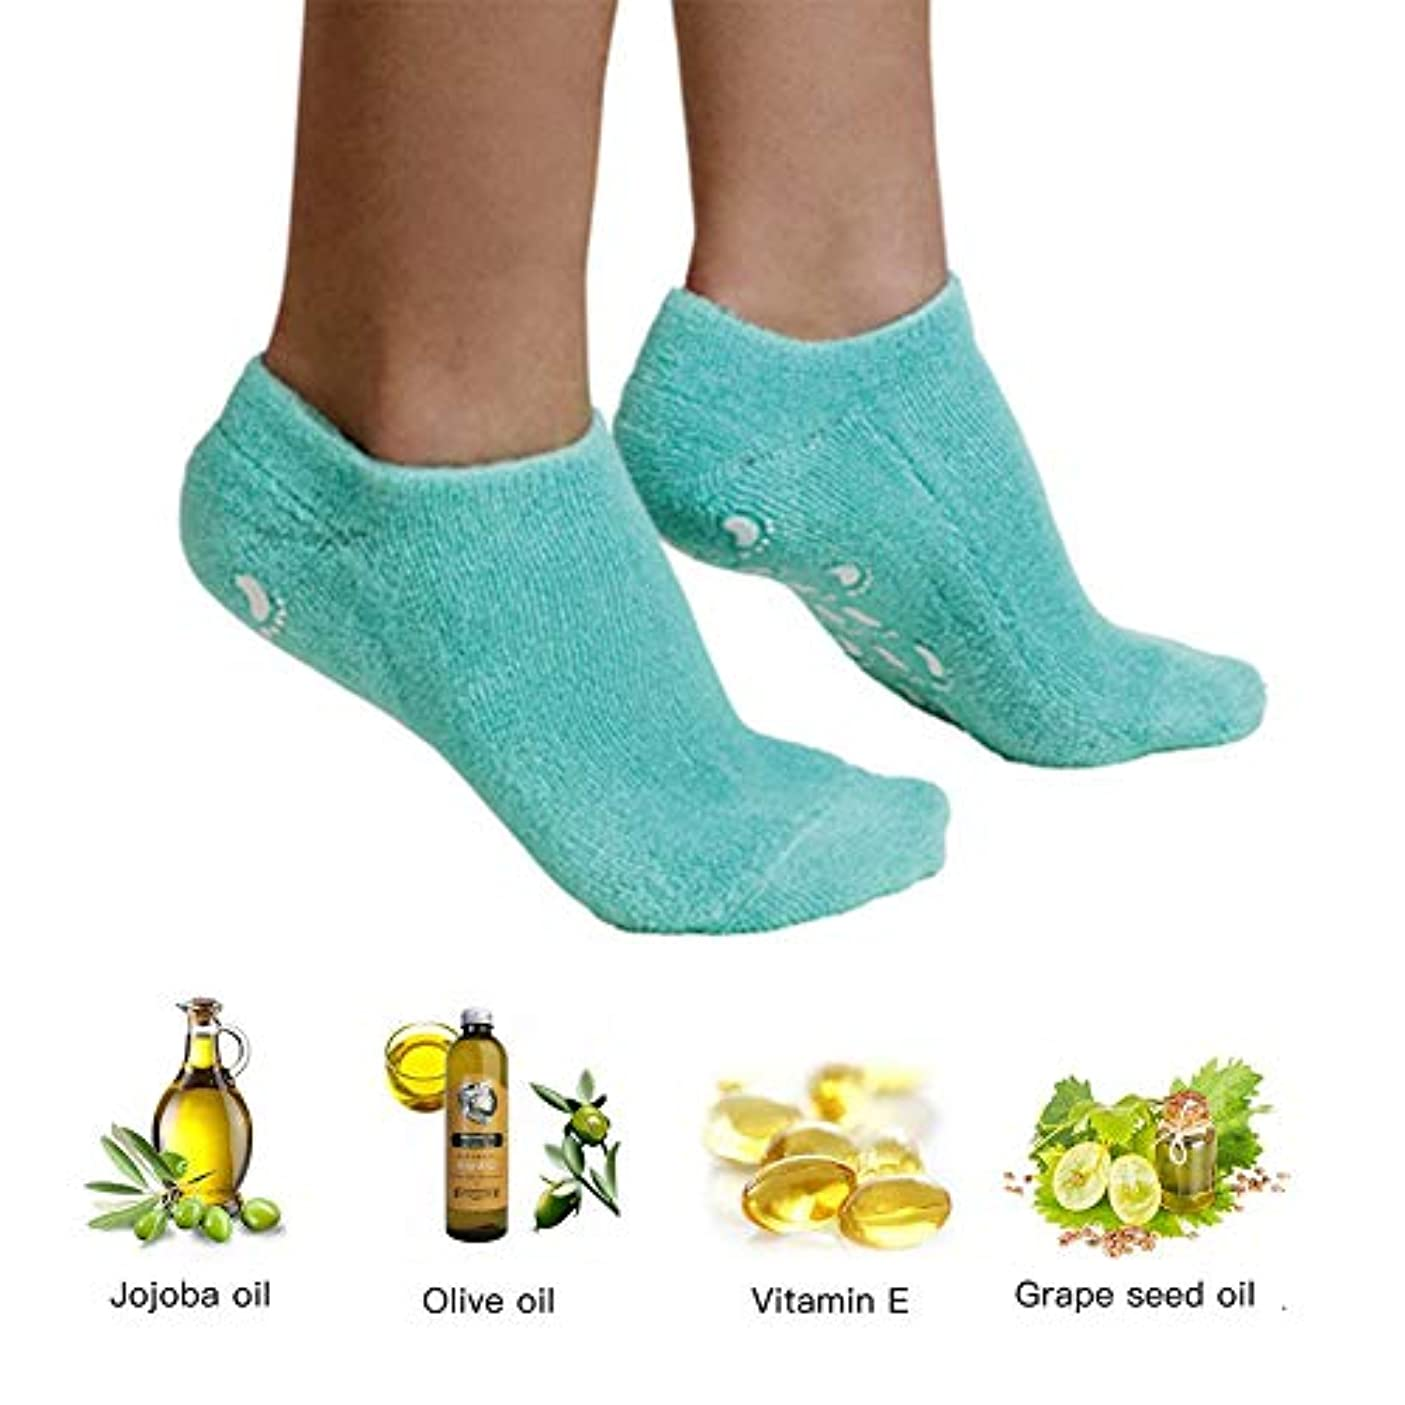 苦いタオル祭司エッセンシャルオイルジェル美容保護手袋ソックスフットカバー男性と女性のかかとフルフットシリコーン保湿白い抗クラッキングソックス,1PCS